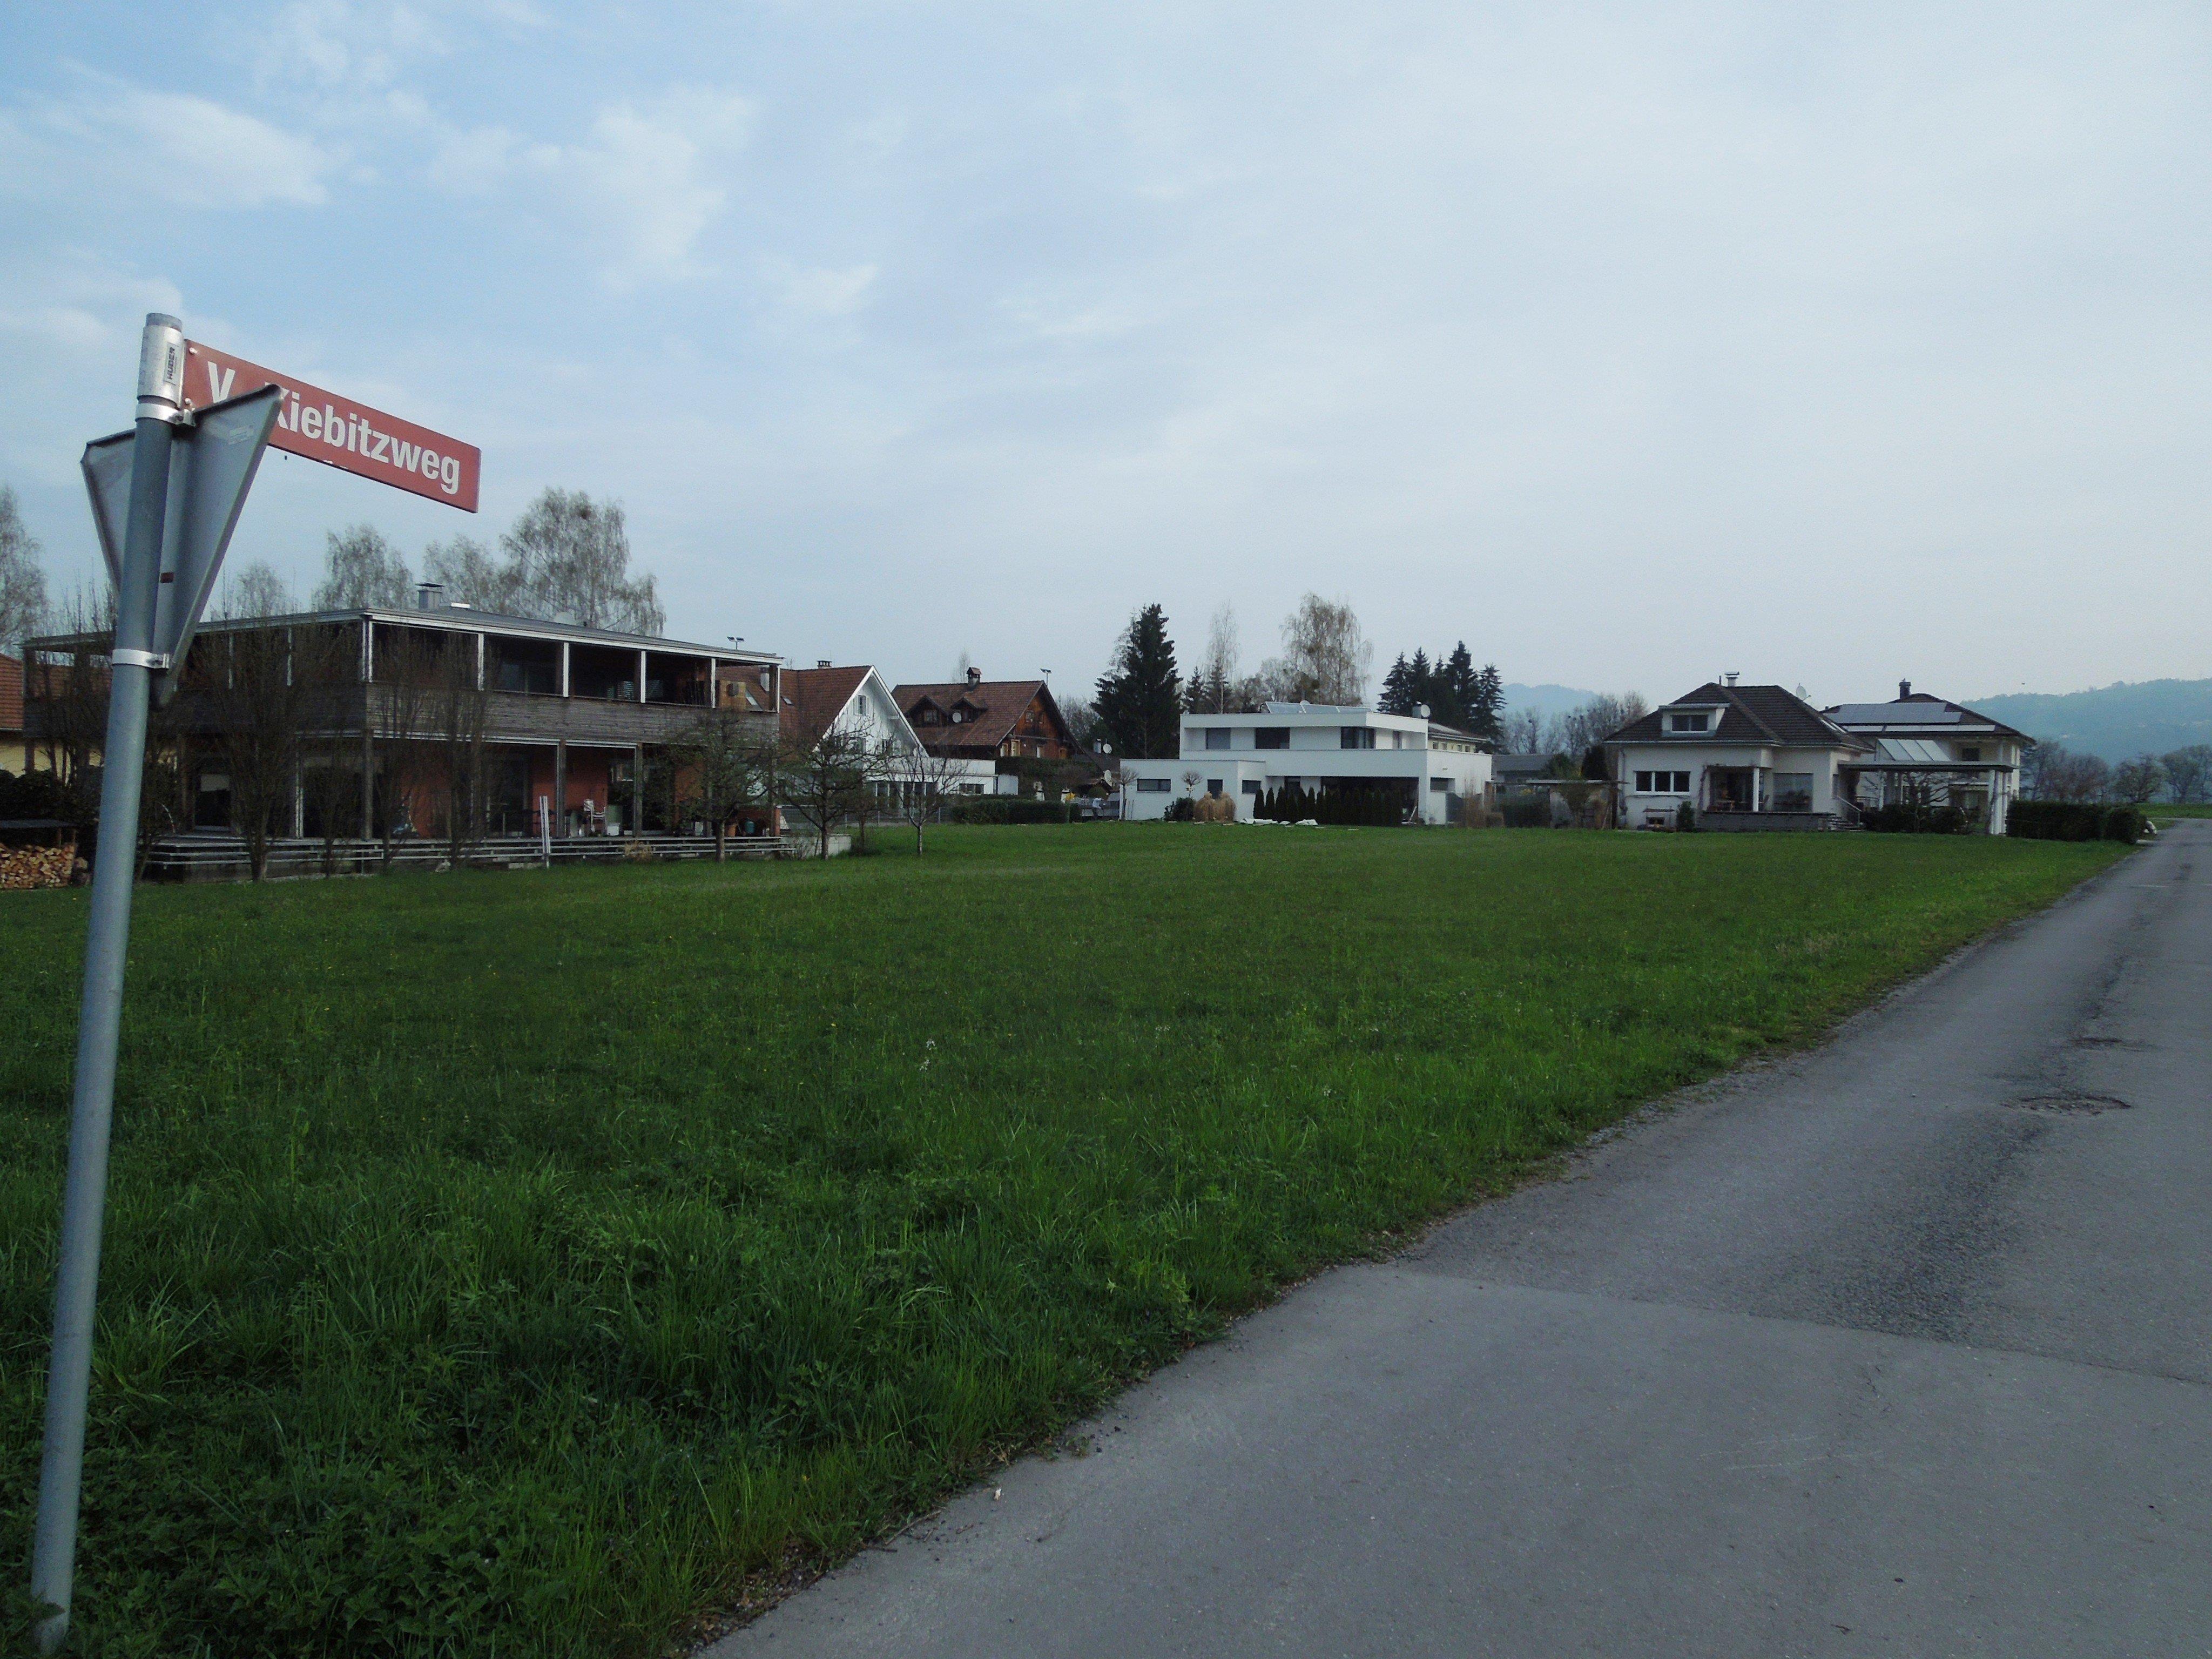 Die Anrainer im Dornbirner Kiebitzweg warten schon lange auf eine Straßenbeleuchtung.